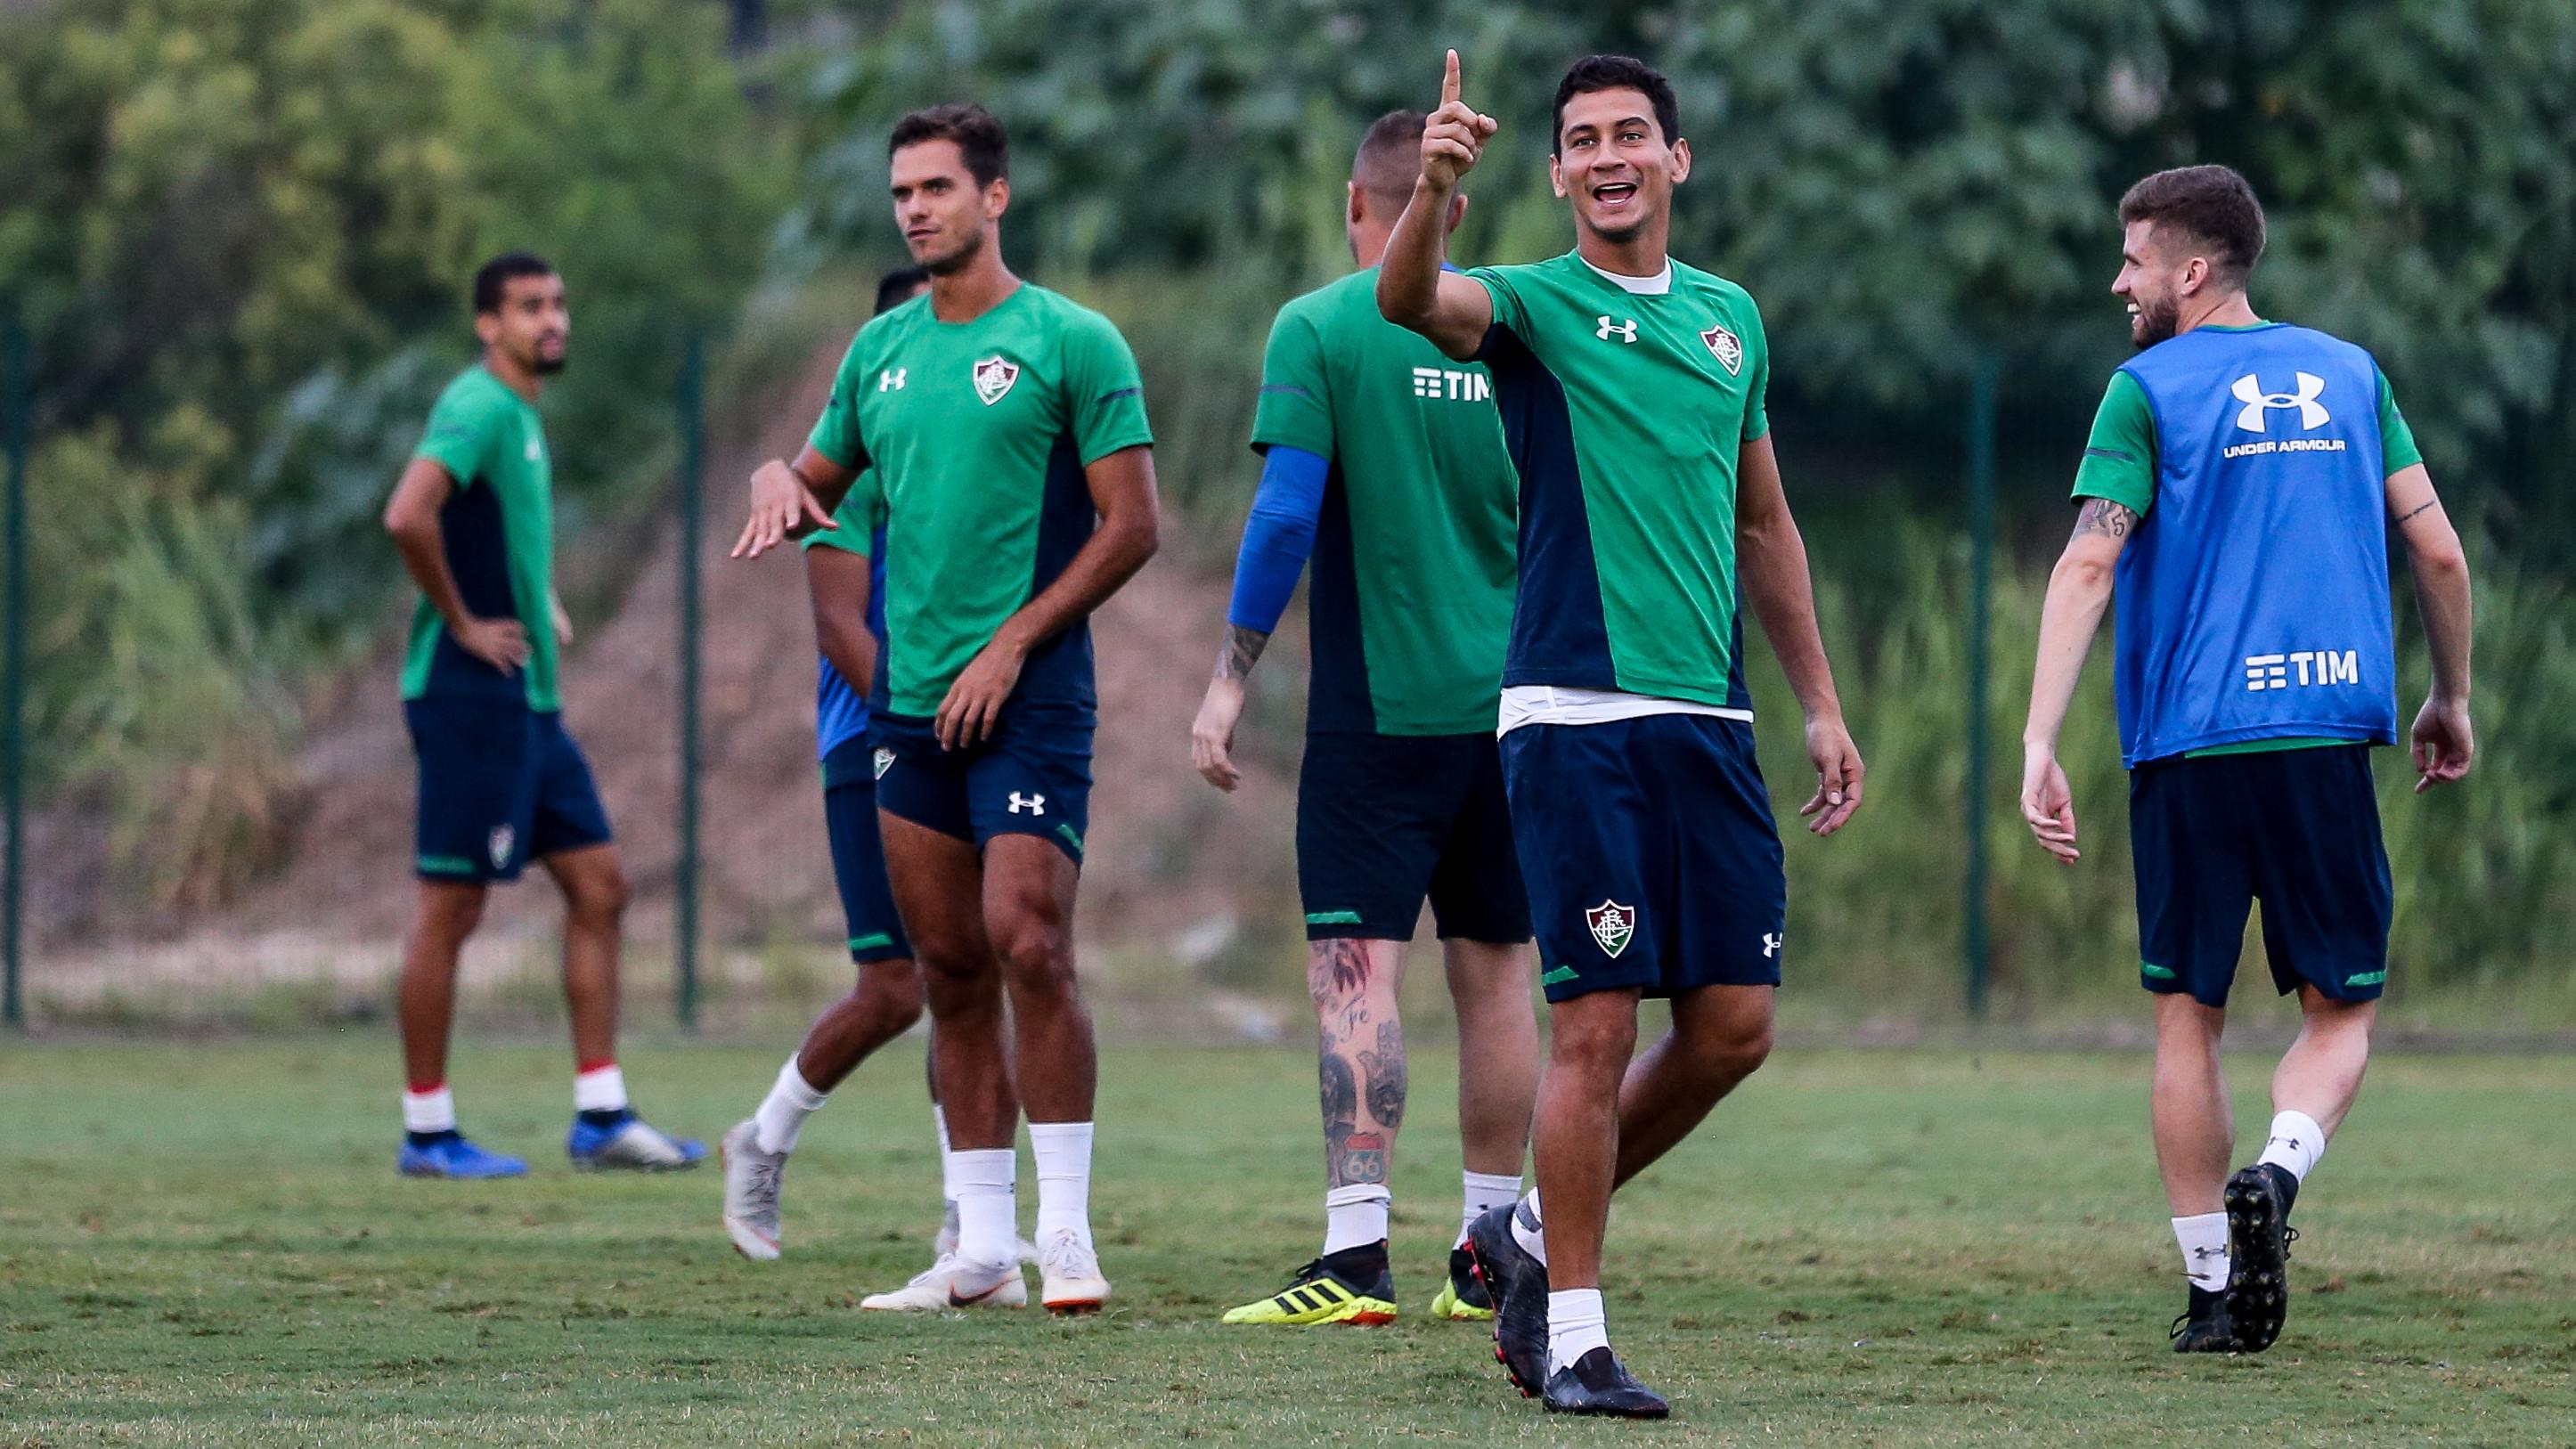 Após greve, Flu tenta disparar no topo contra o Botafogo